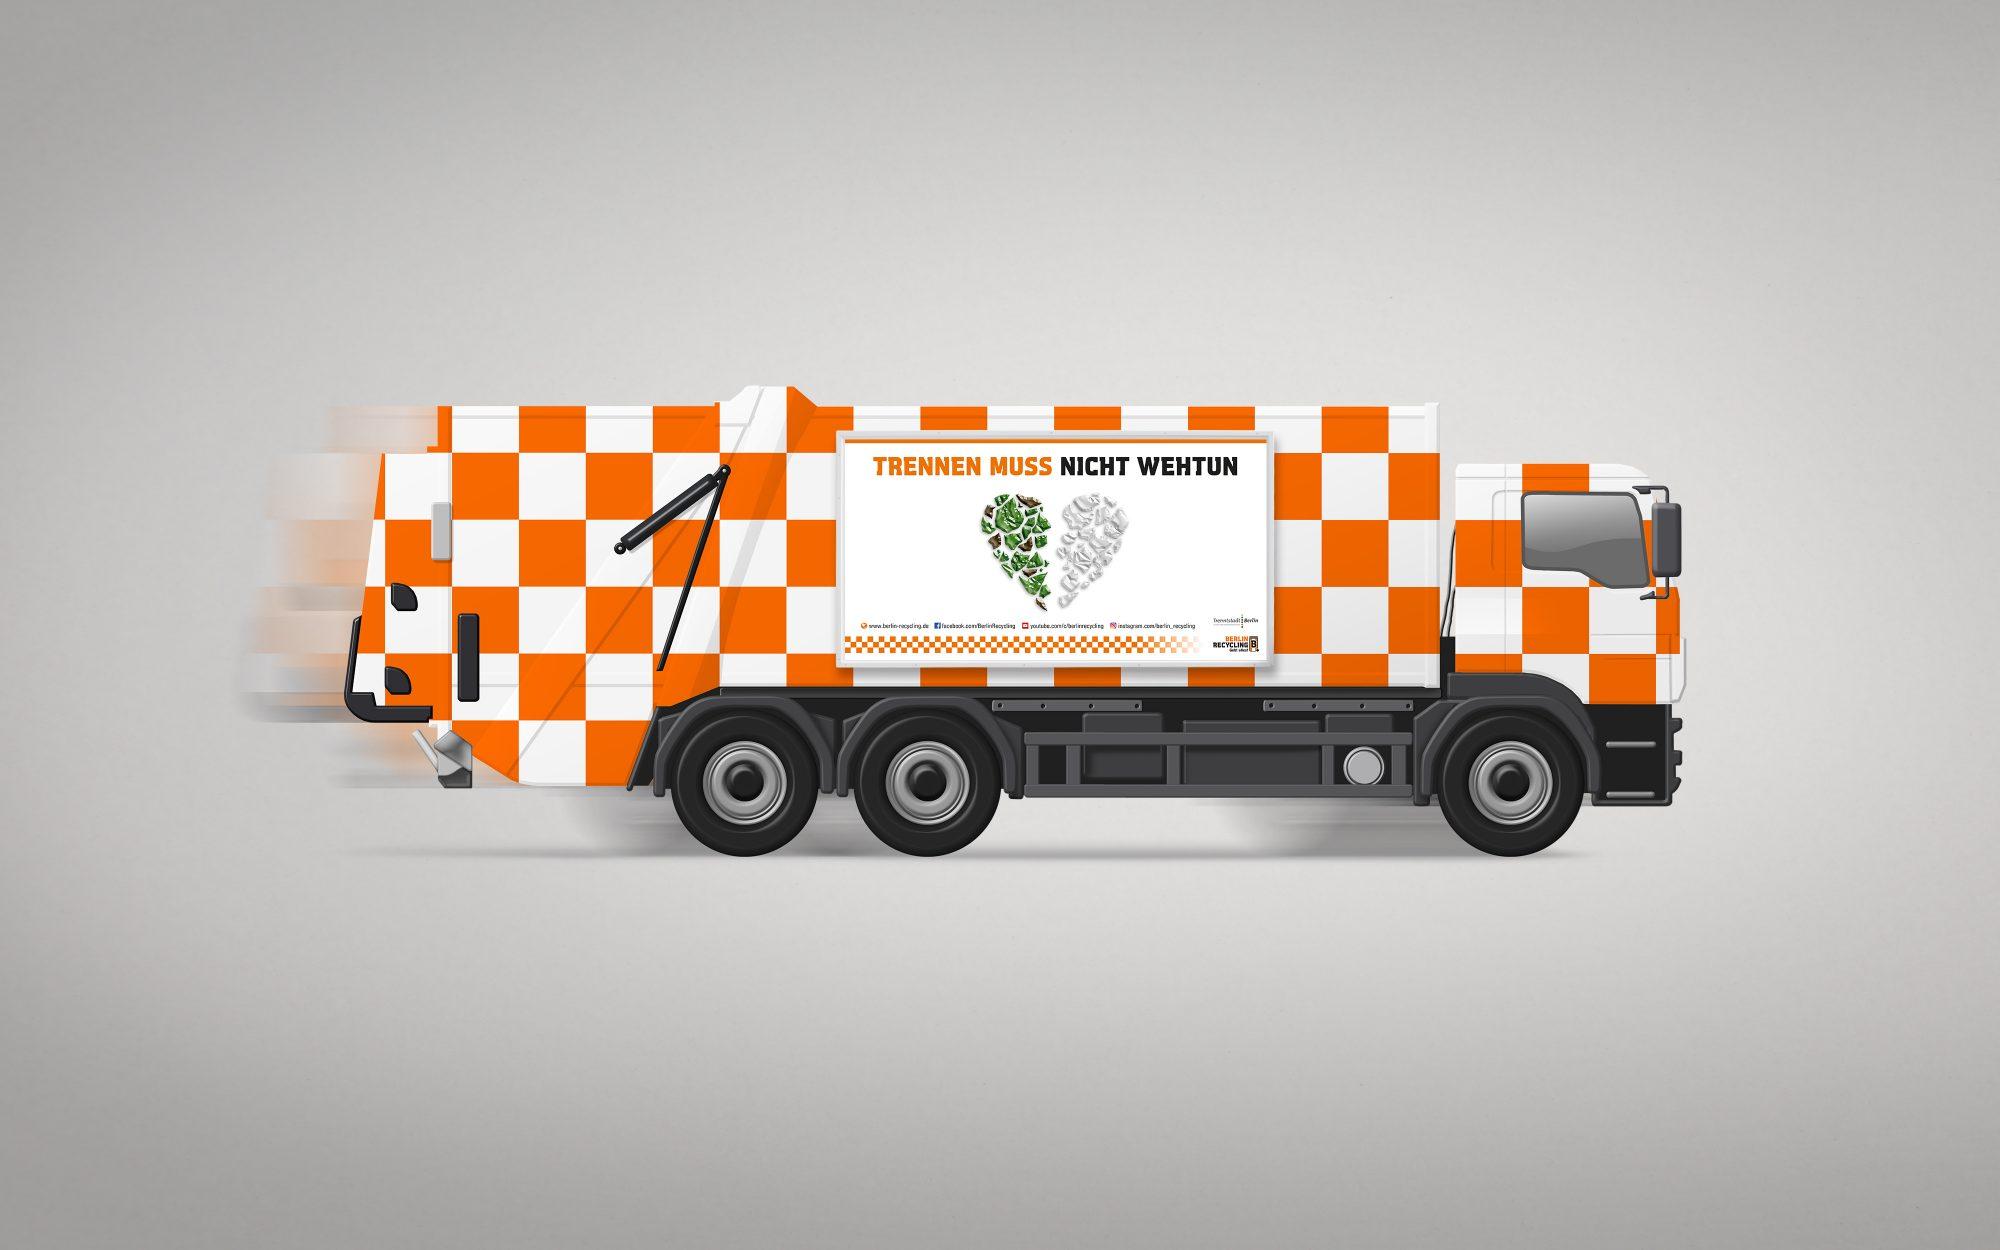 GRACO-Berlin-Recycling-LKW-01